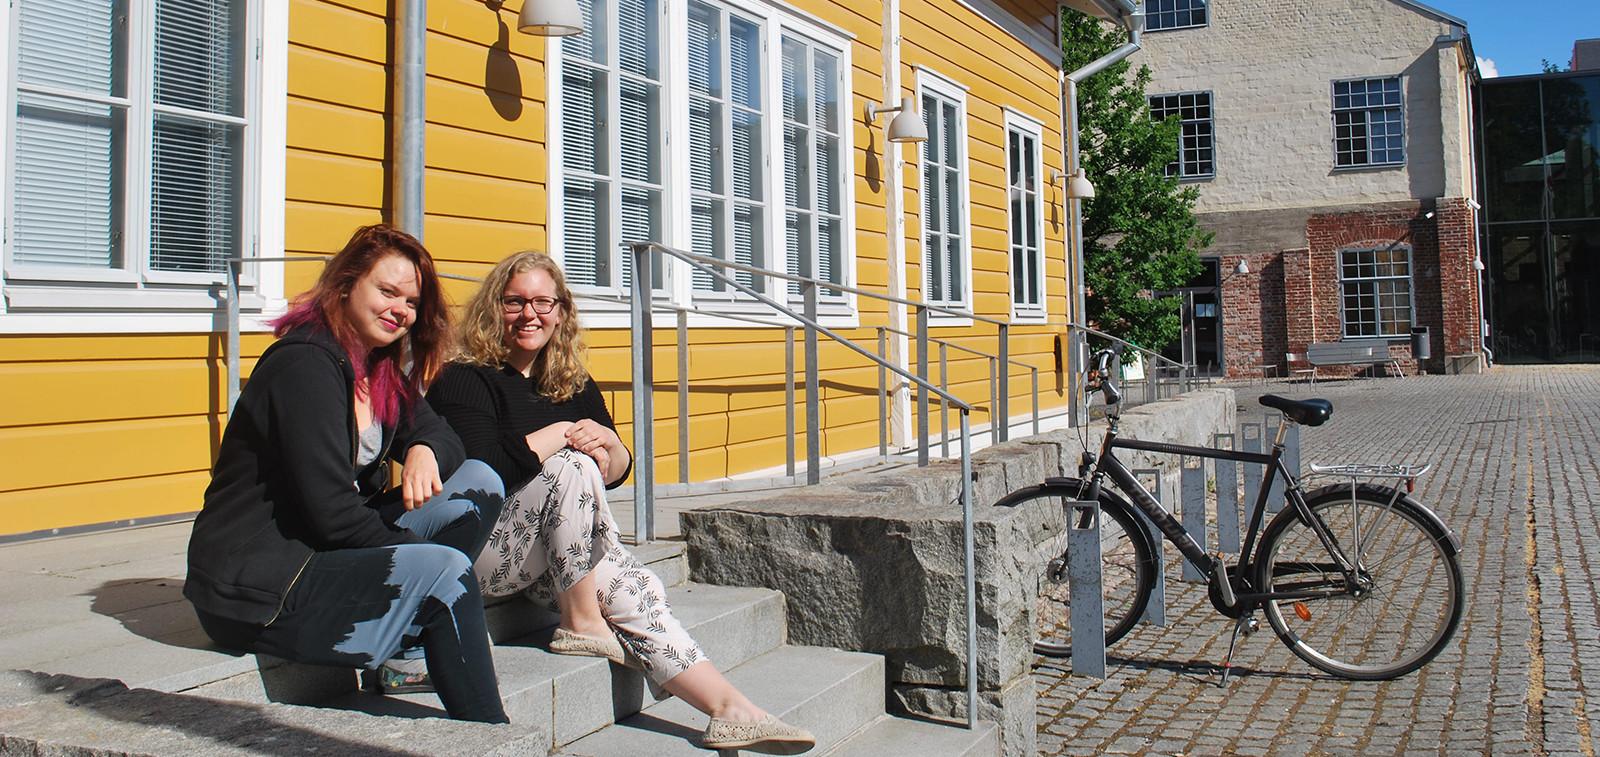 Kaksi opiskelijaa istuu Arkenin ulkopuolella